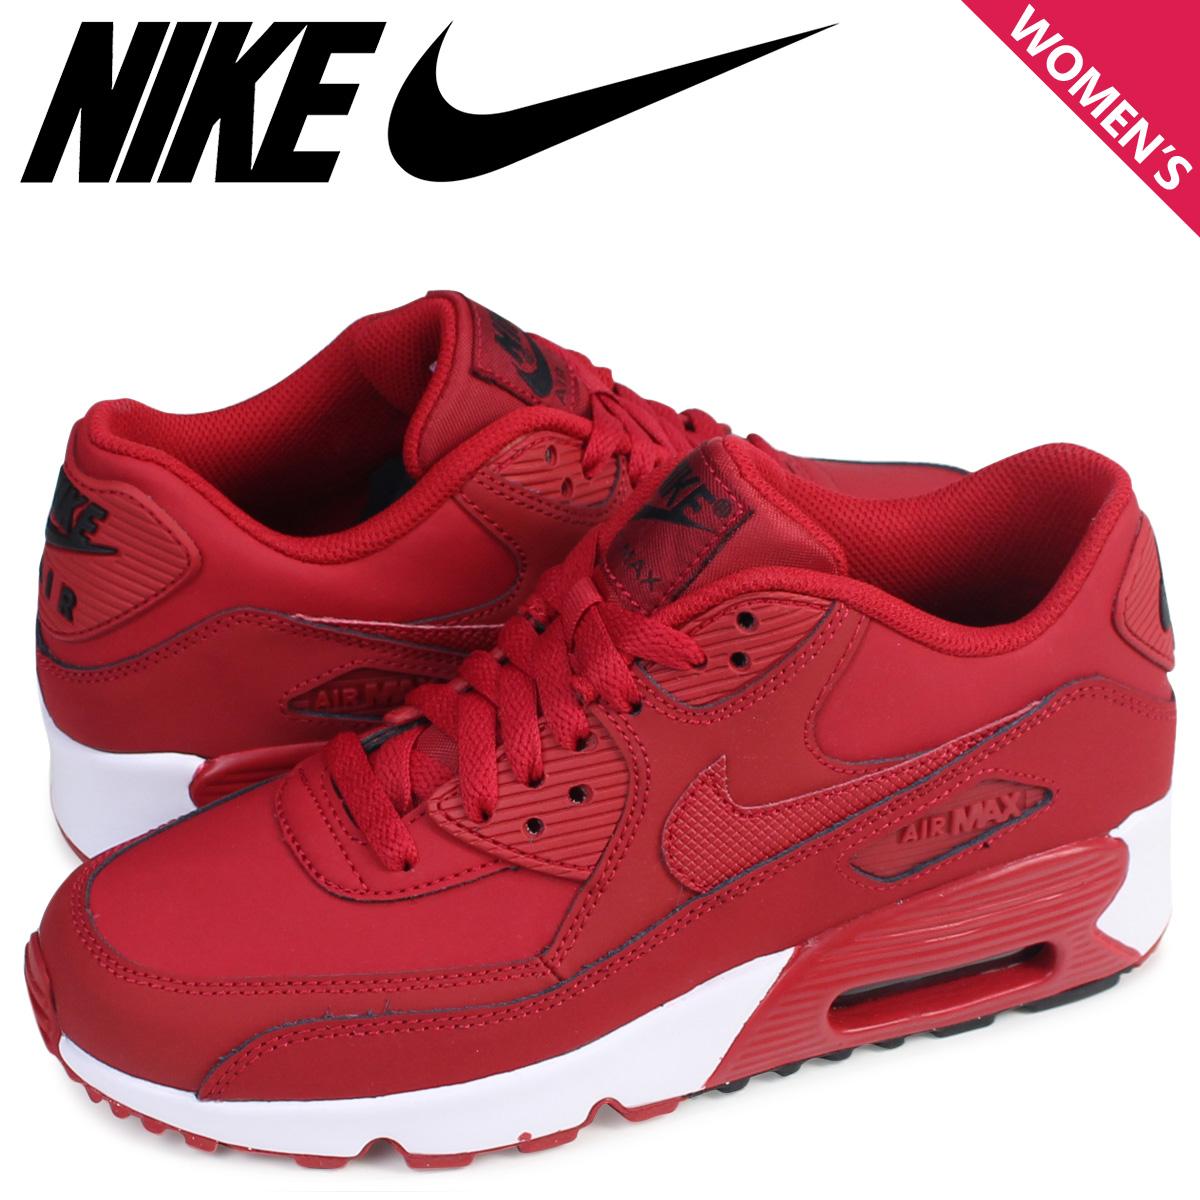 nike air max command beige, Køb Nike Airmax 2012 Dame Koral